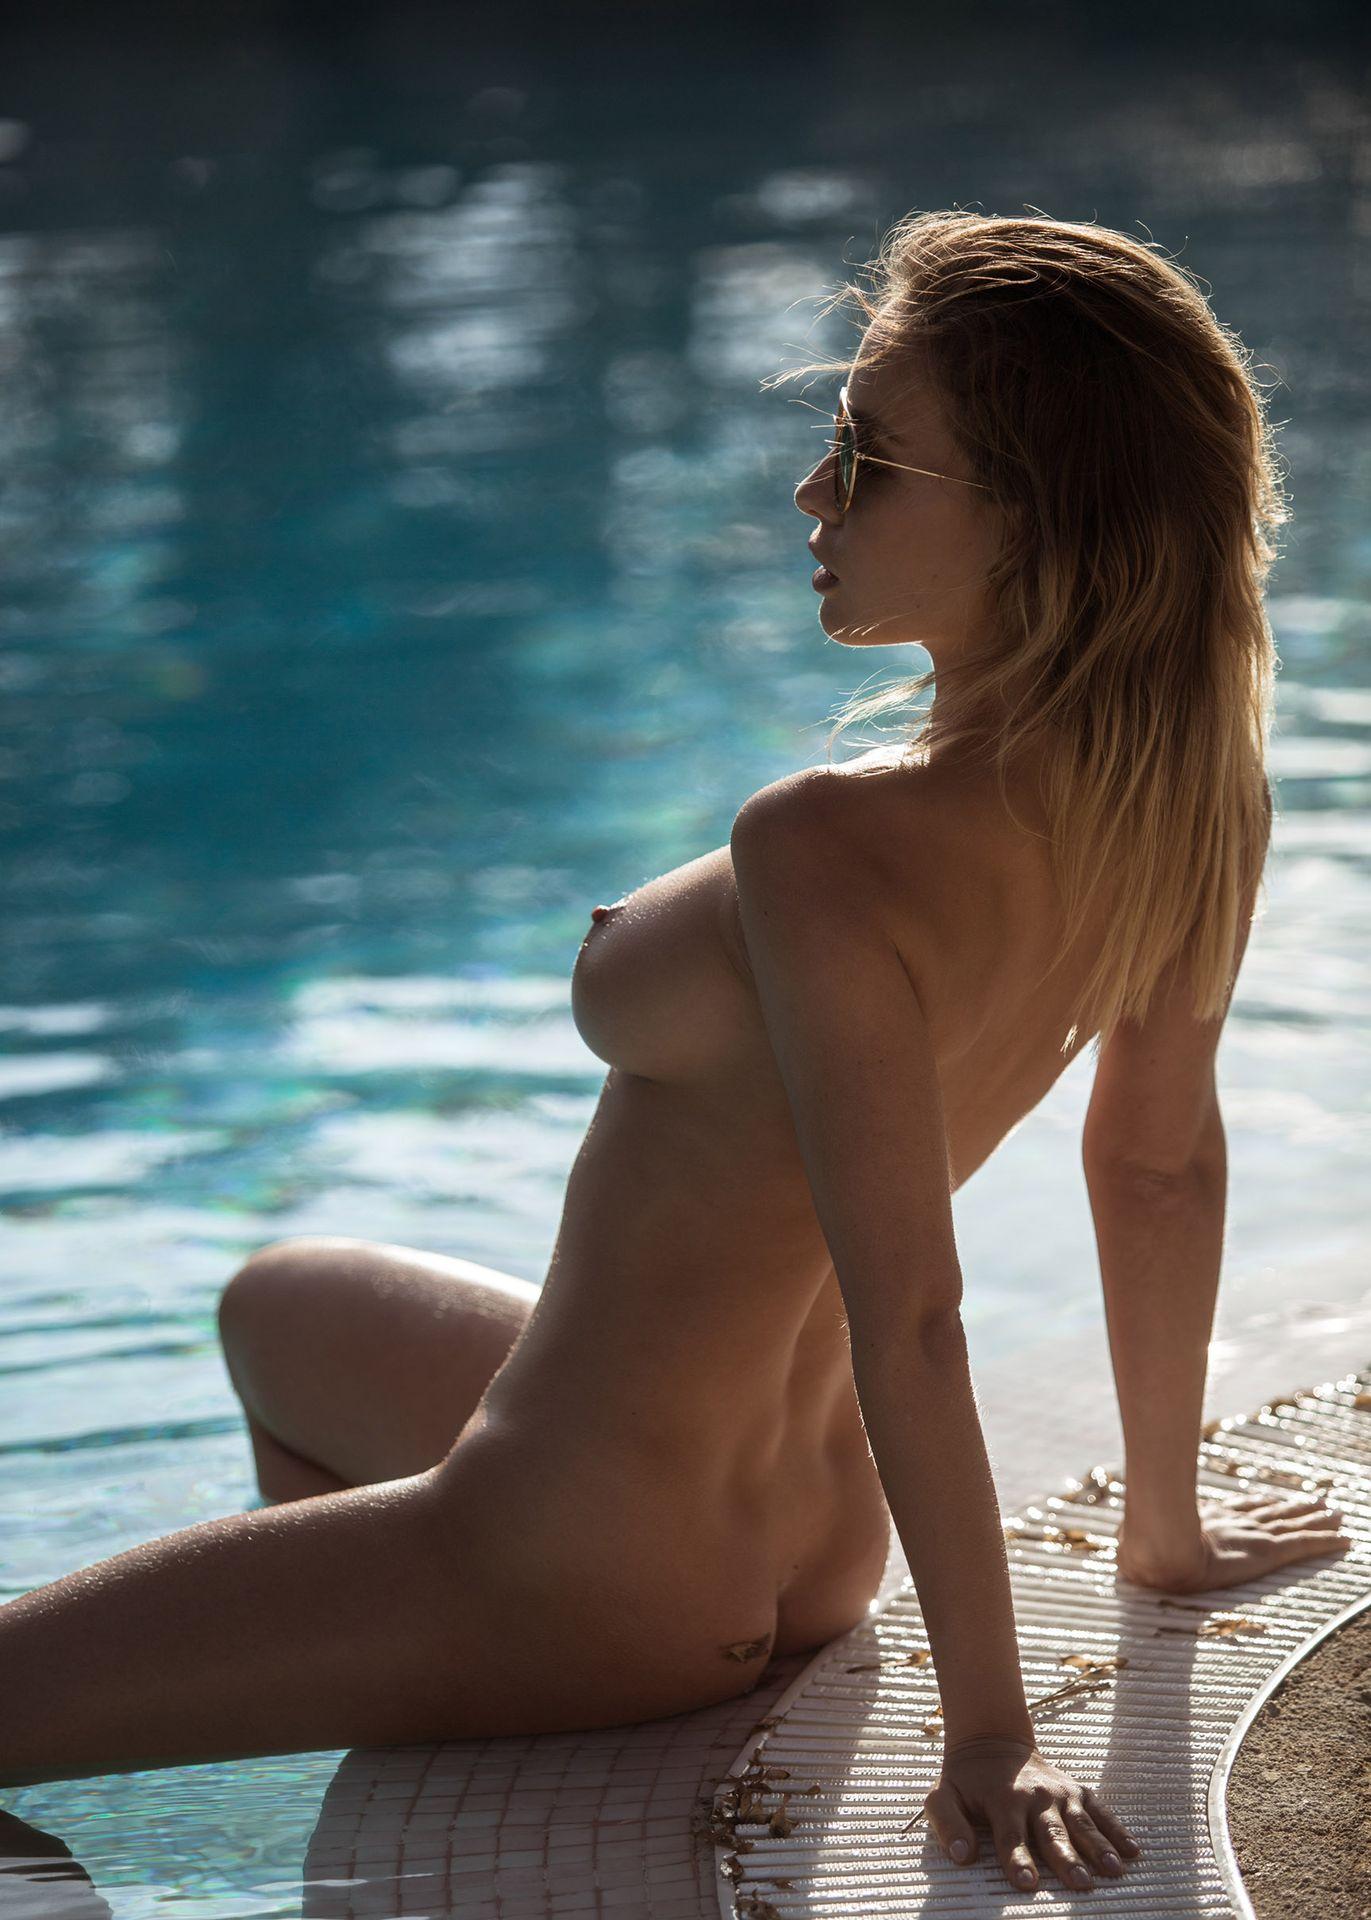 natalia-nuded-free-ino-yamanaka-porn-pics